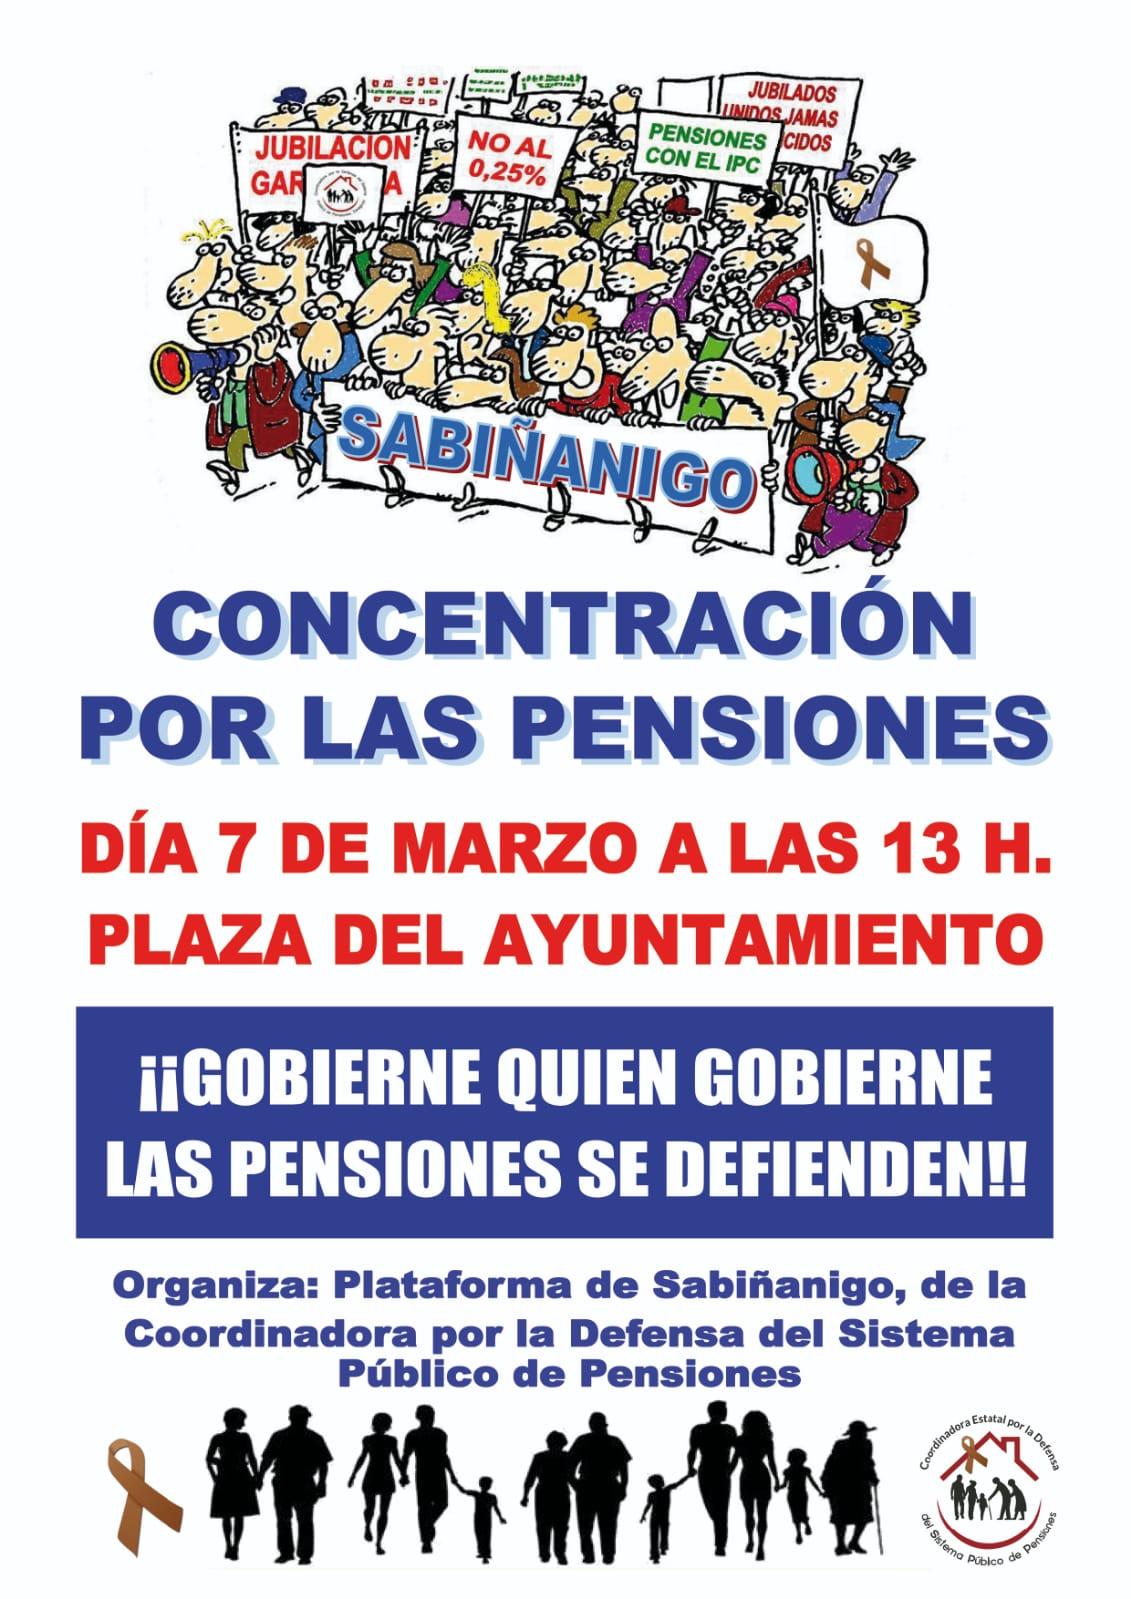 Sabiñanigo. Concentración pensiones. Sábado 07 de Marzo. Gobierne quien gobierne las pensiones se defienden.